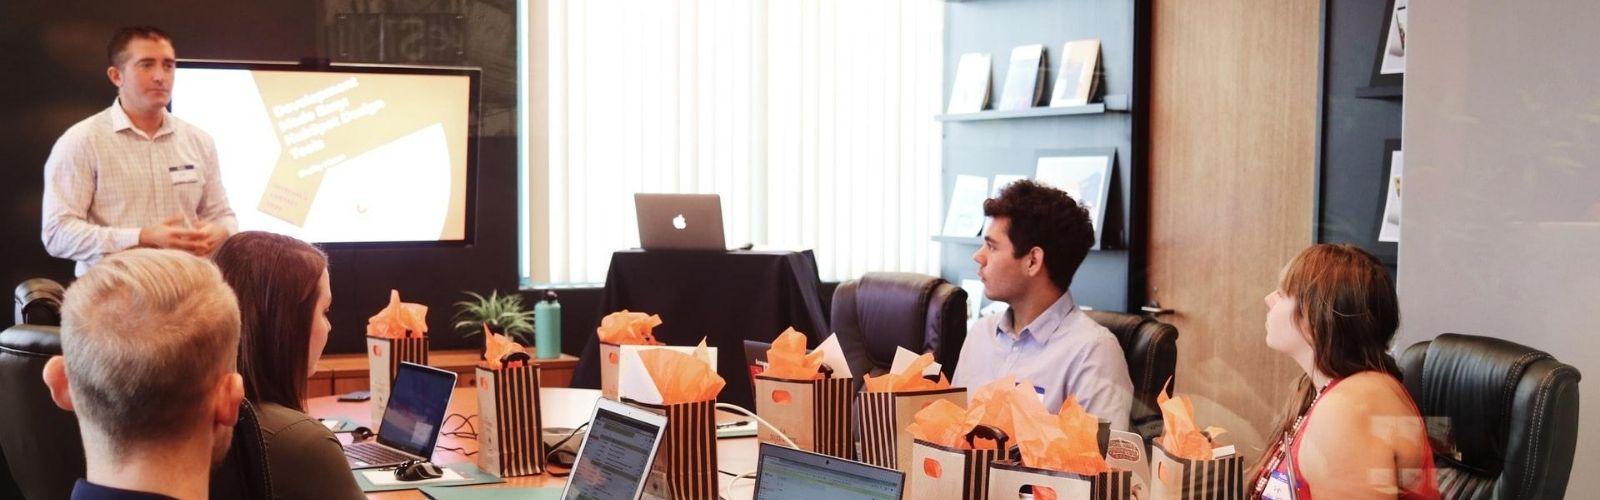 La cultura organizacional: Elemento diferenciador